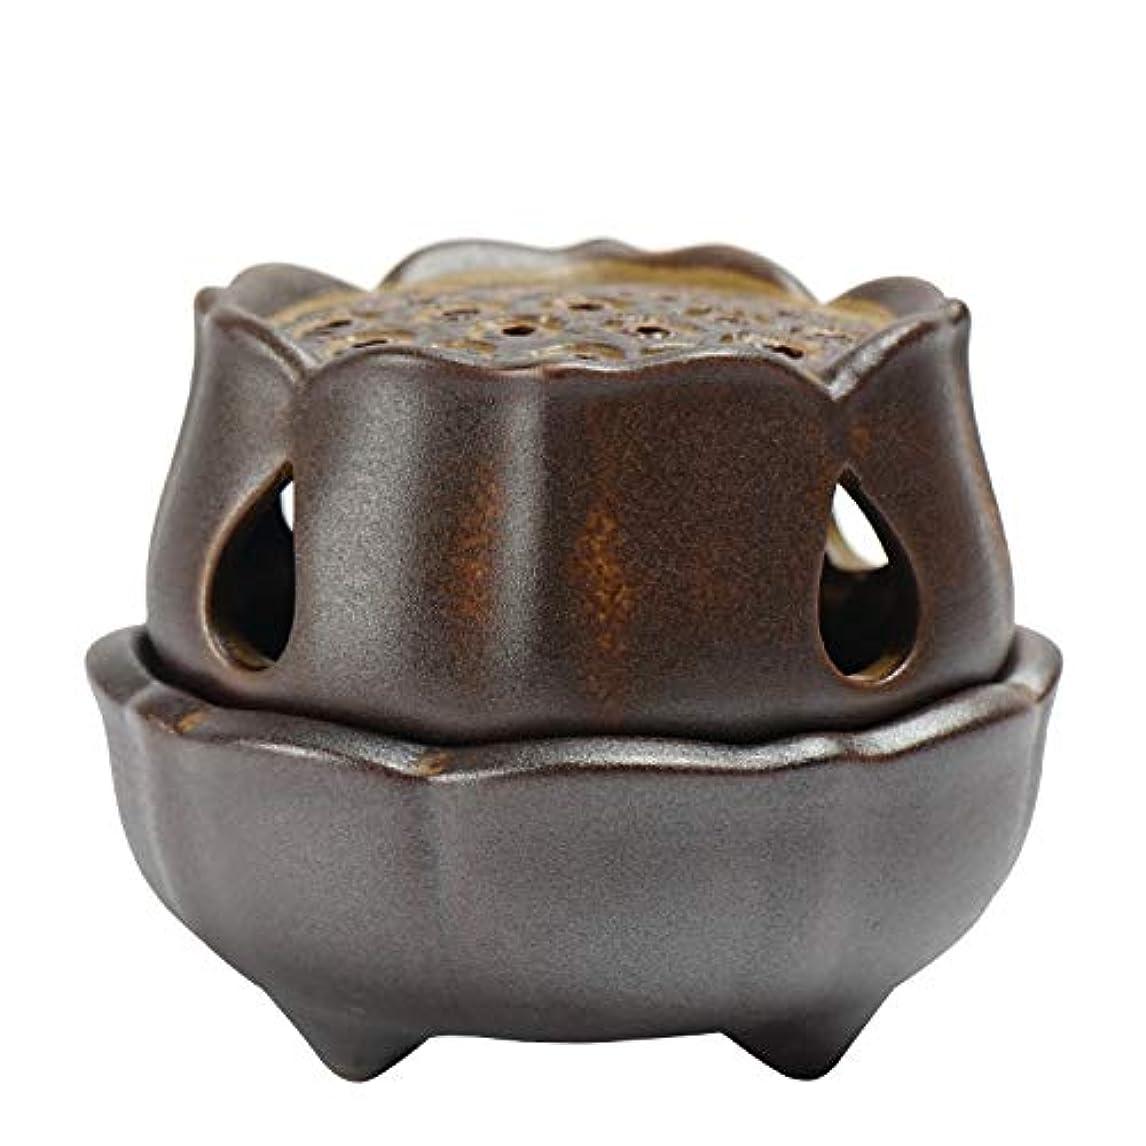 マキシムきらめくミニチュア仏の香のアロマセラピー炉9.5 * 8 * 7.3cmのための滝の背部香の棒家族の芳香バーナーの還流の蝋燭の棒の陶磁器